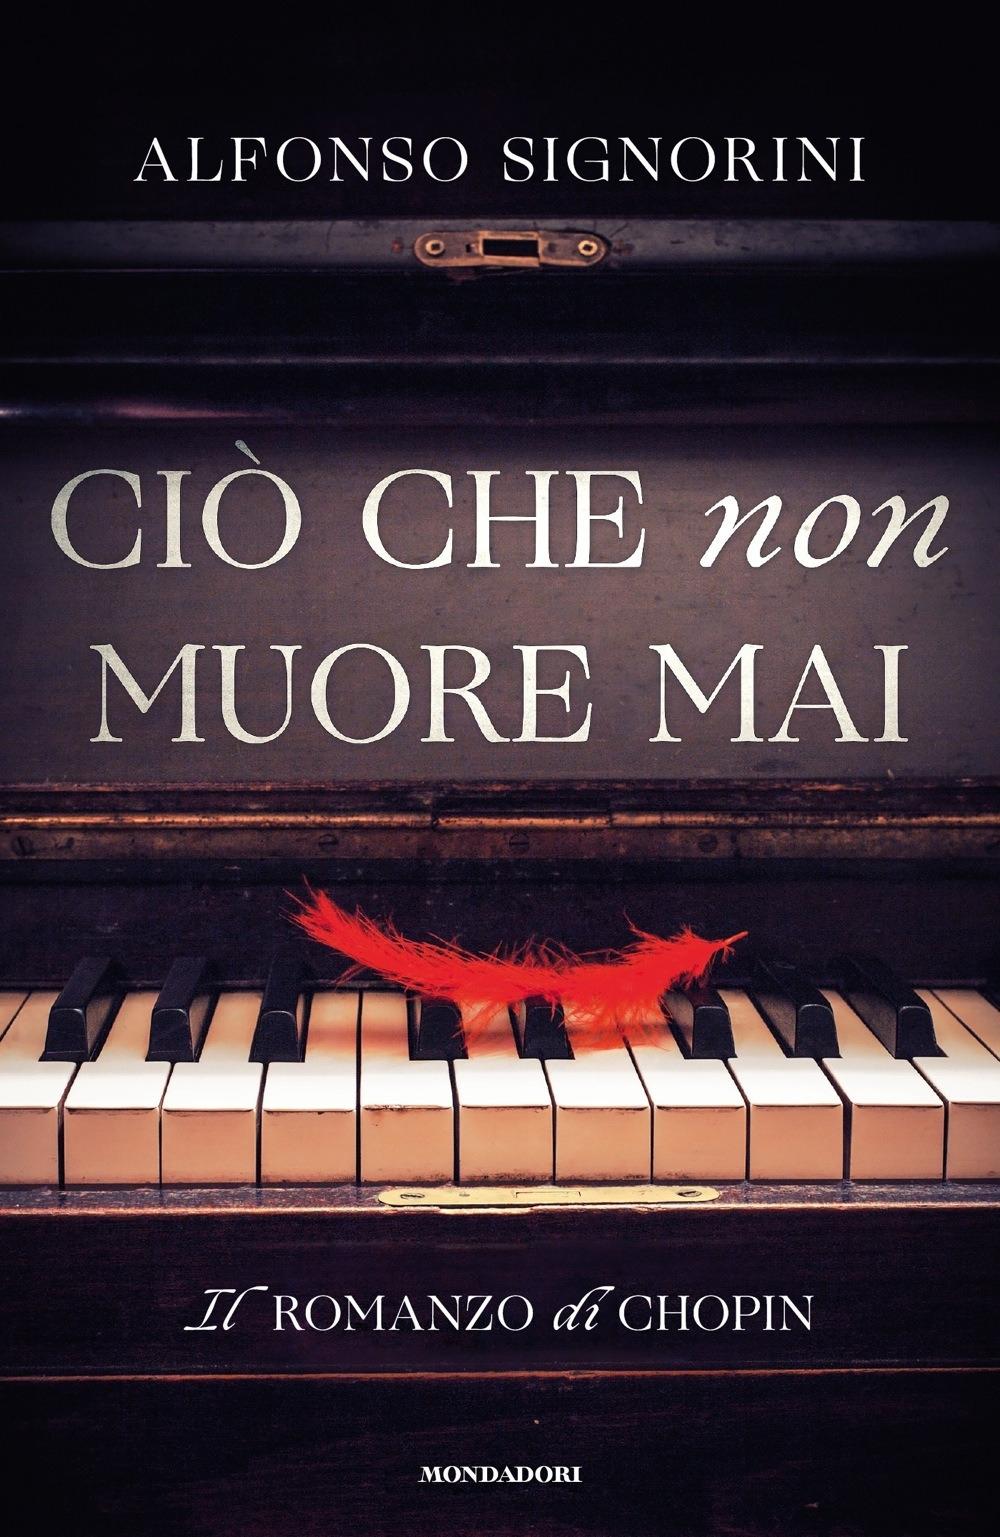 Sonata per un amore.